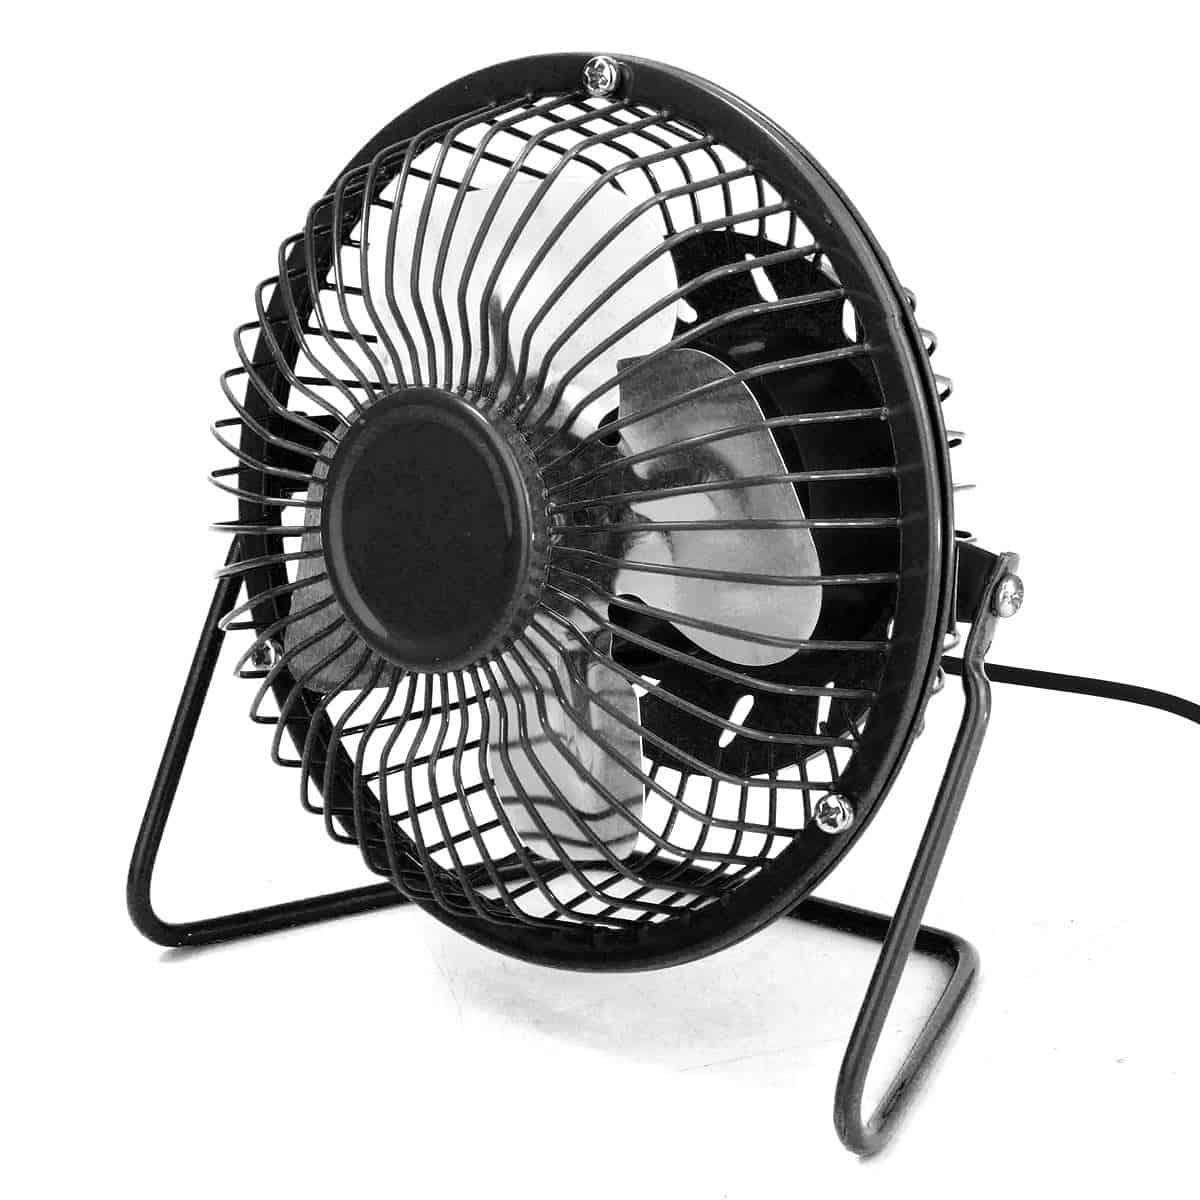 4 inch fan